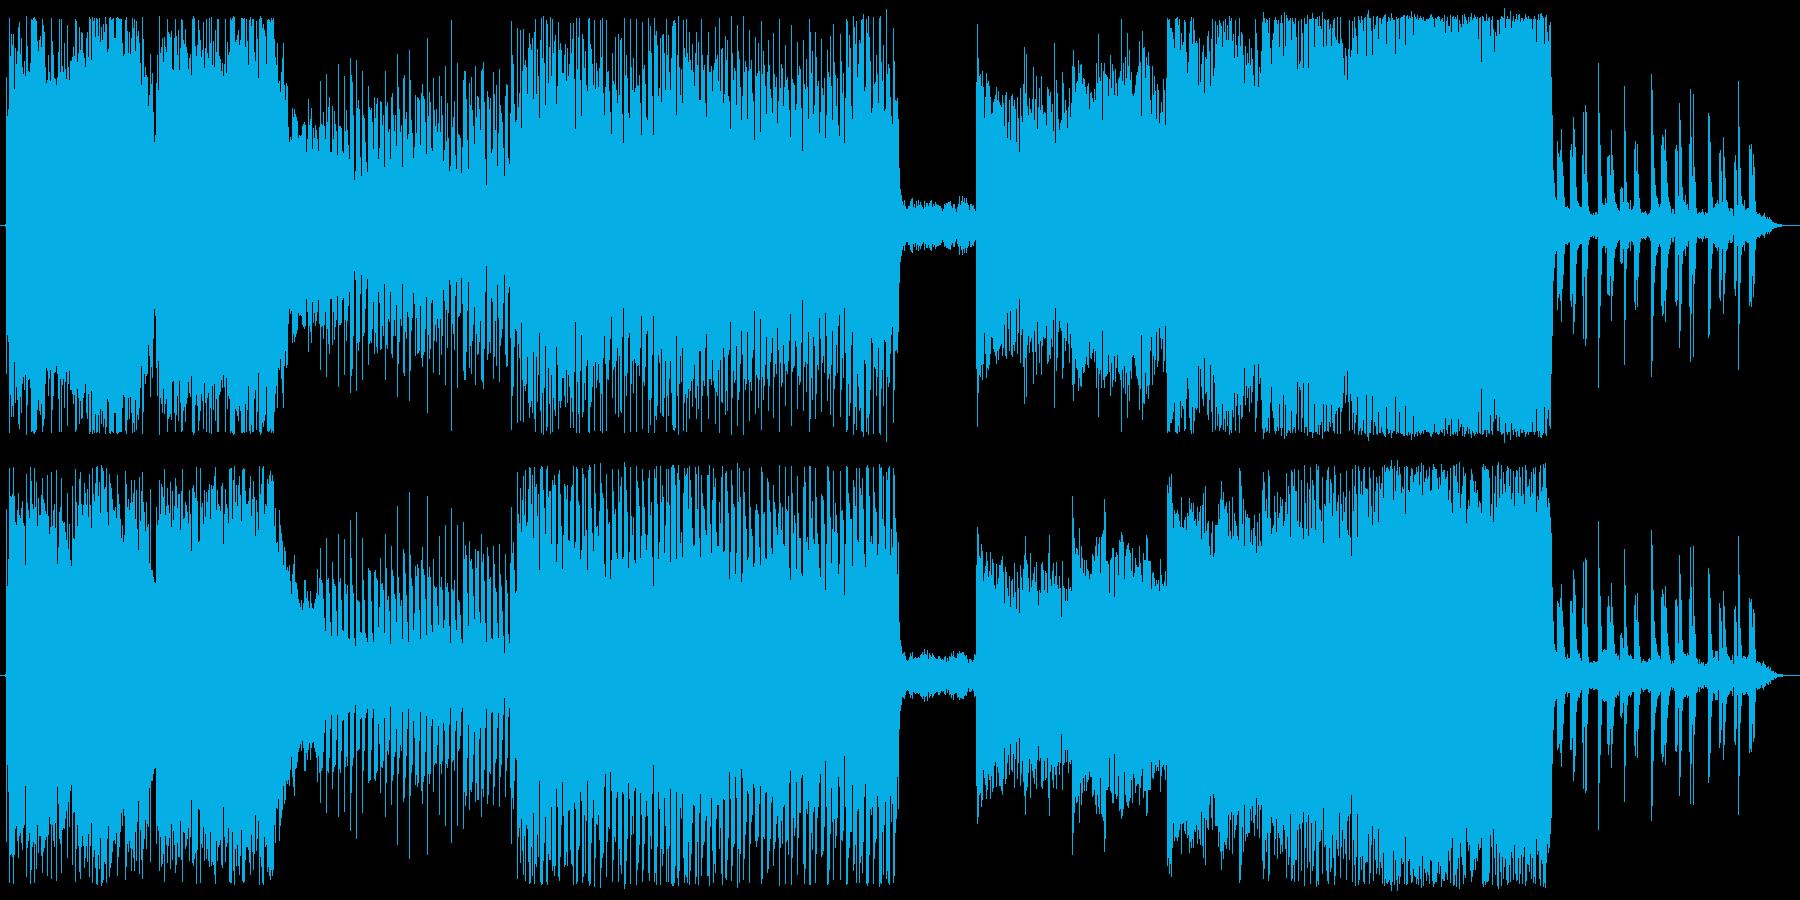 回想シーンの曲の再生済みの波形